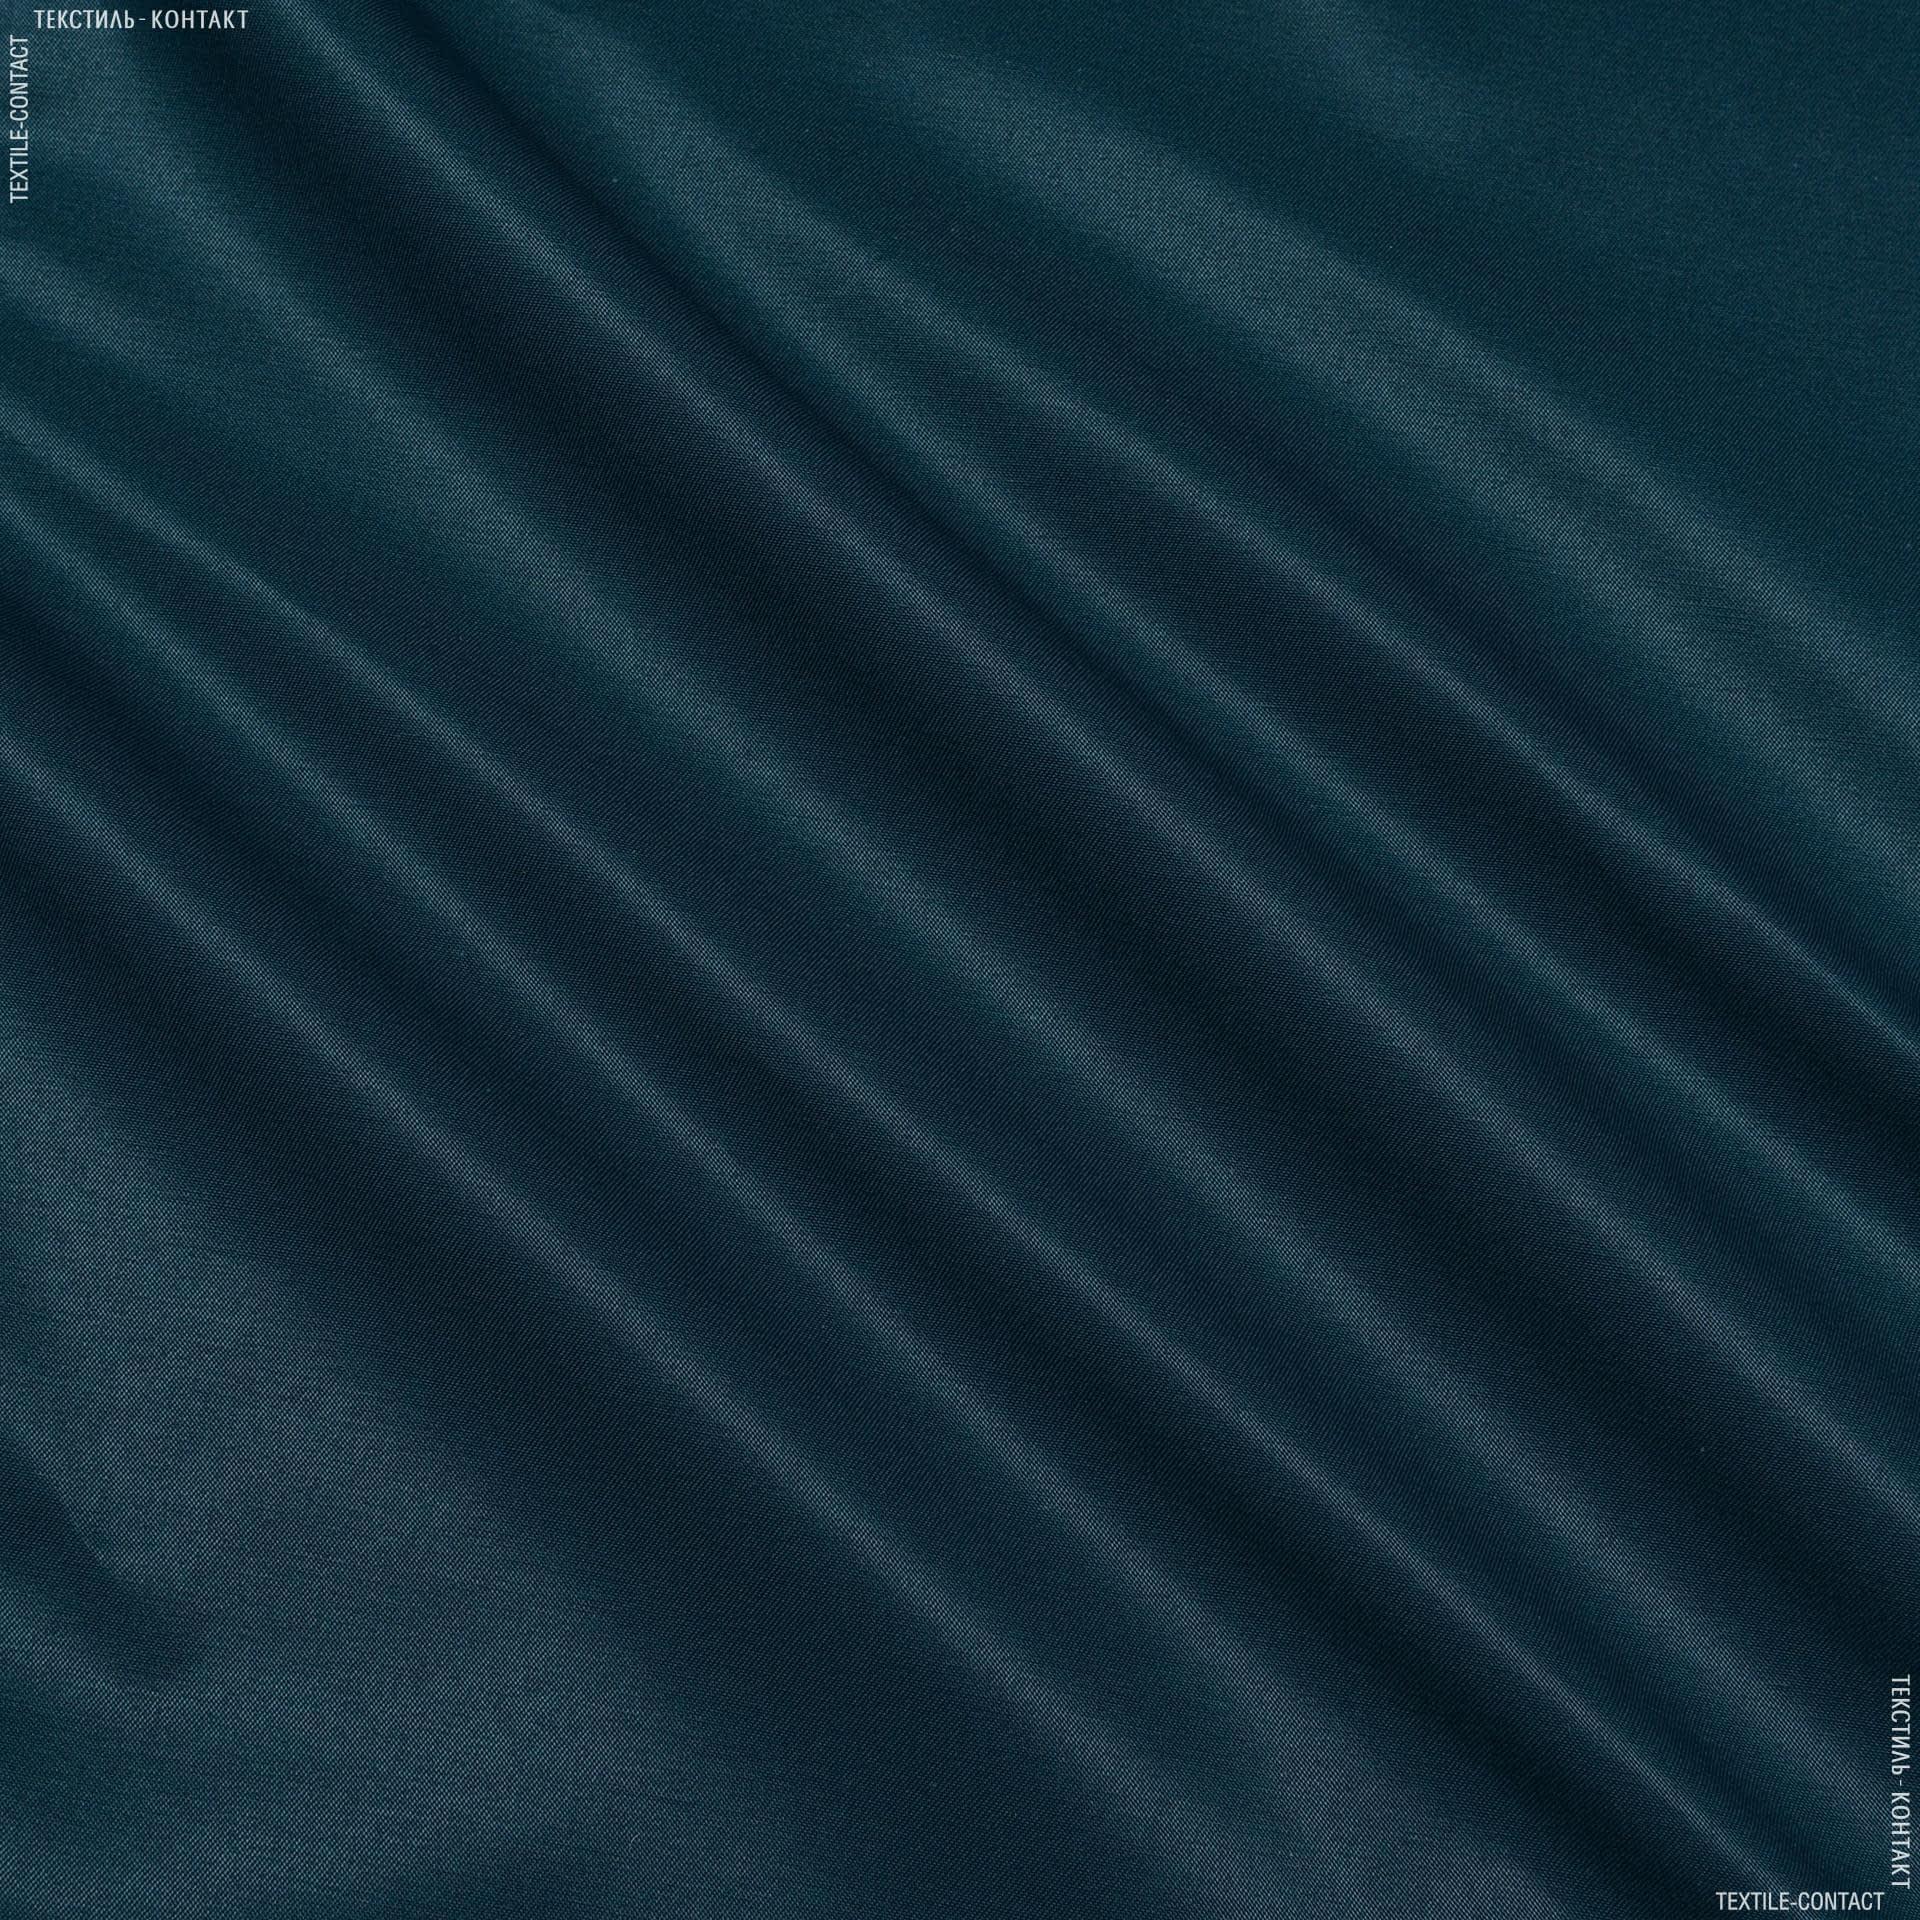 Тканини для спецодягу - Грета-2701 морська хвиля